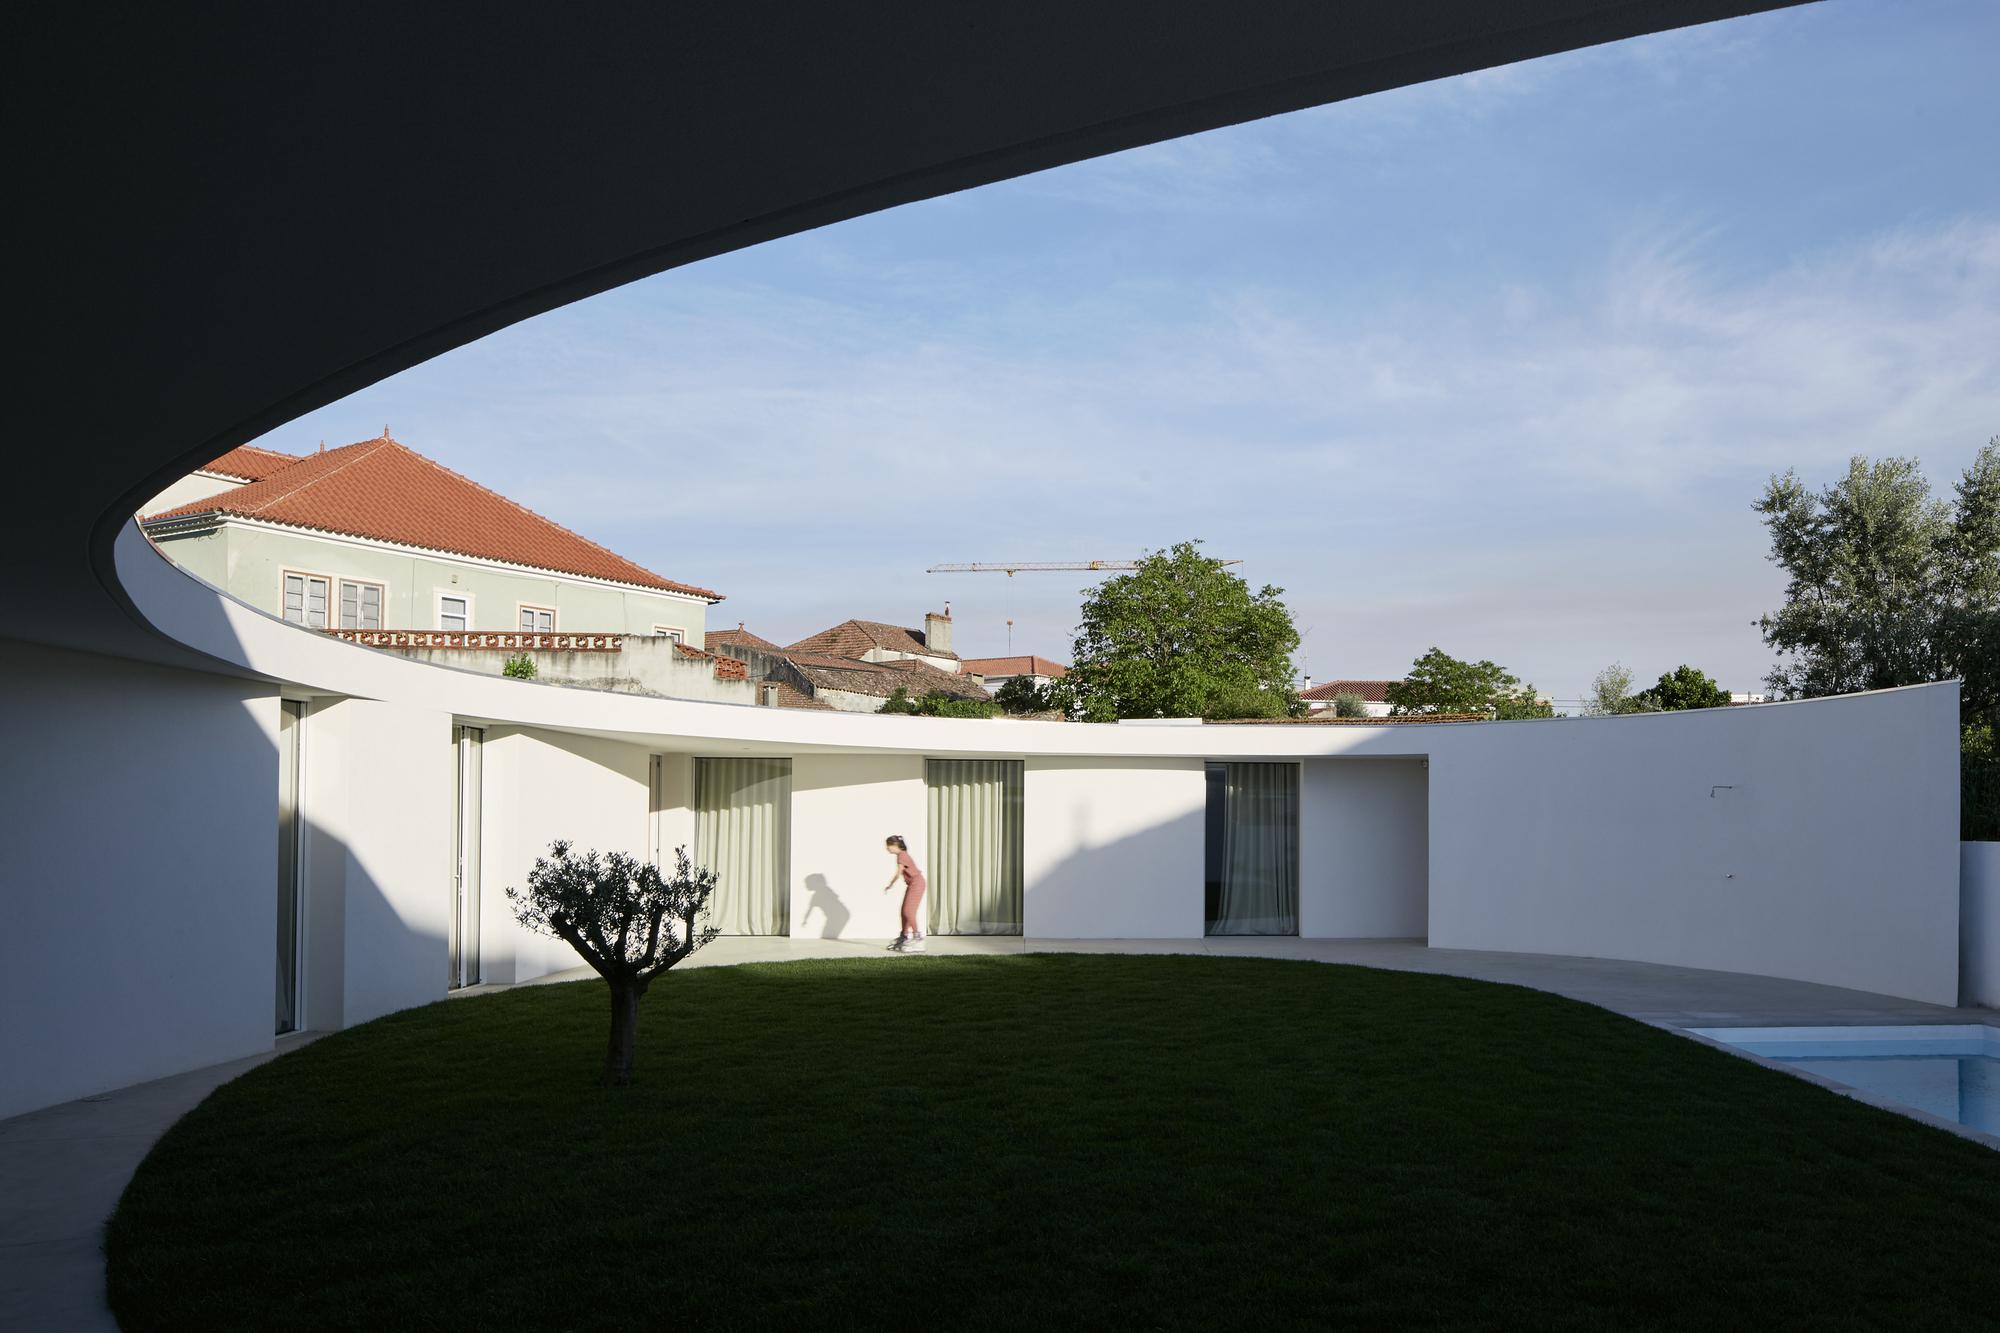 Casa ansi o bruno dias arquitectura plataforma for Plataforma arquitectura